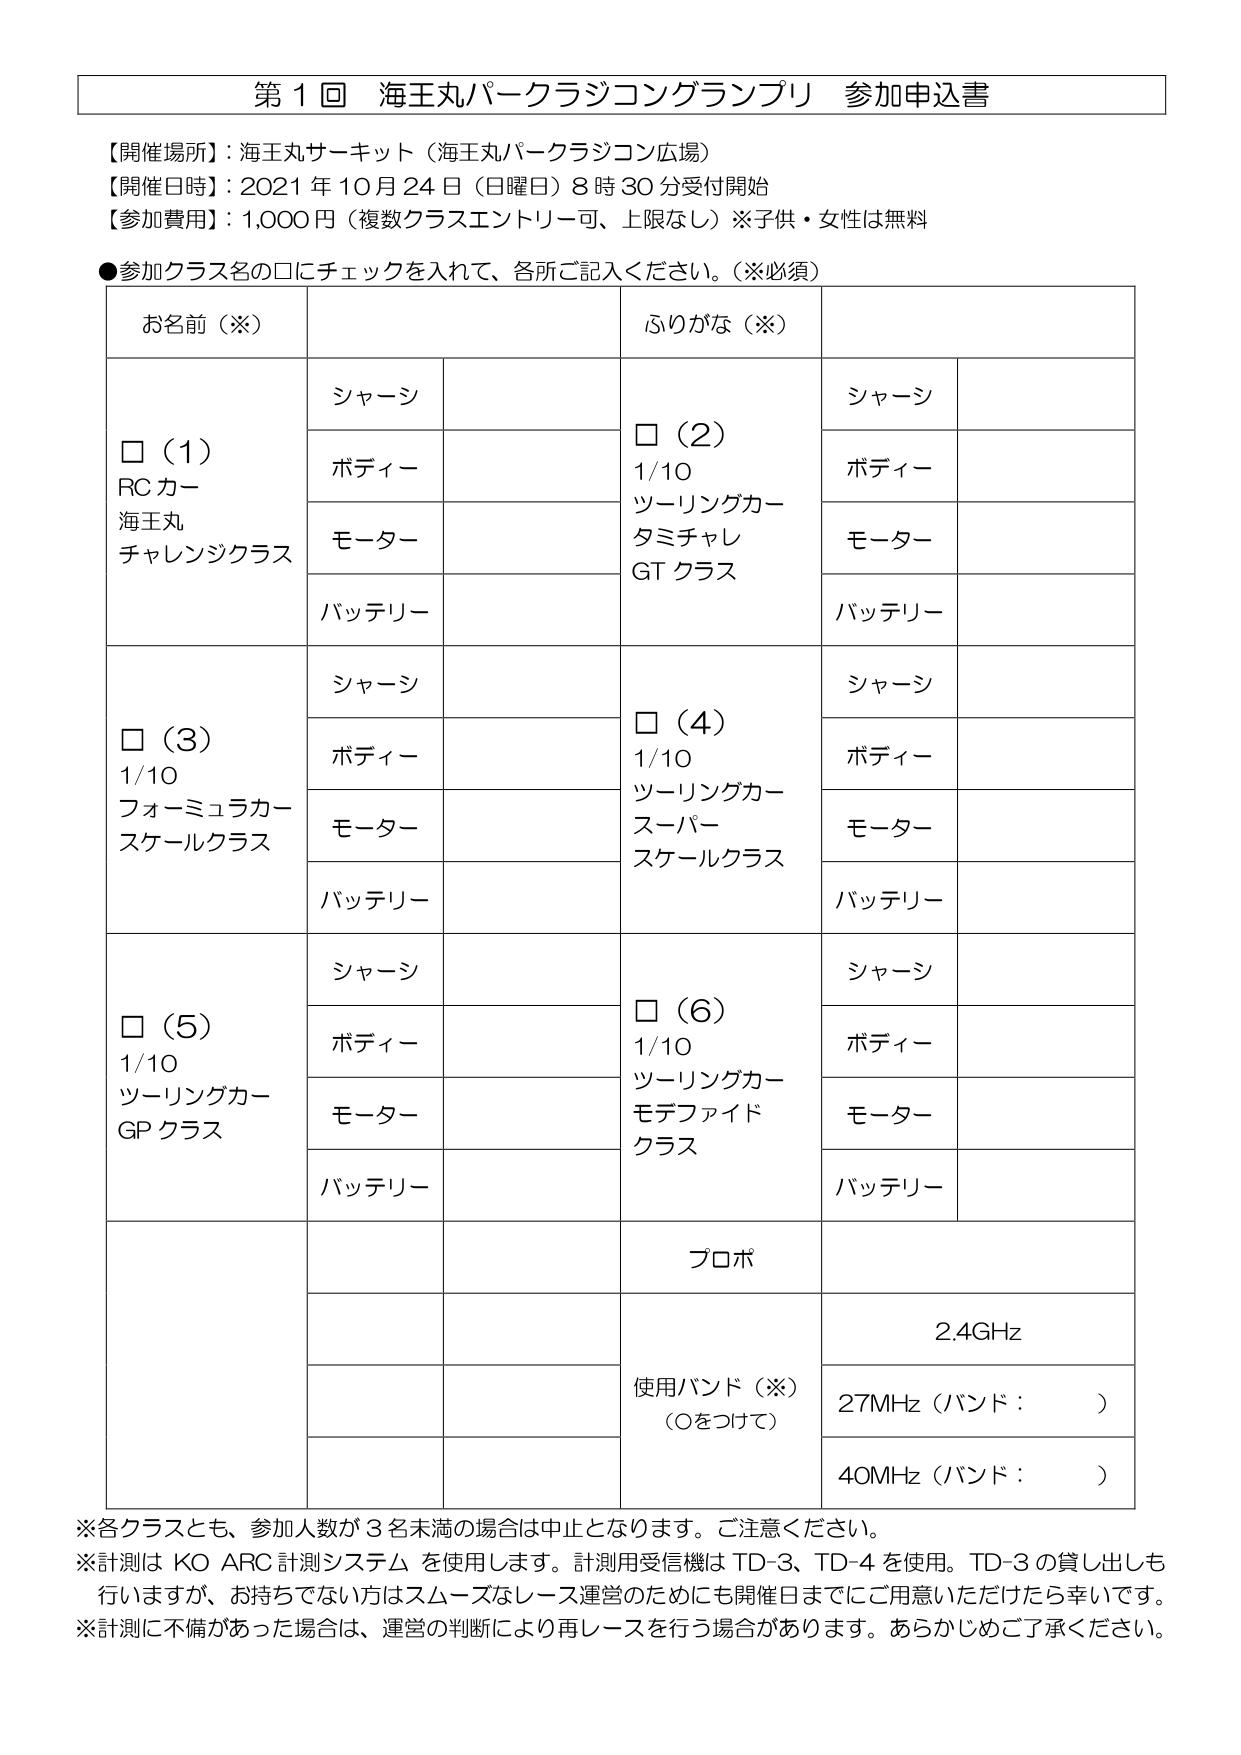 第1回 海王丸パークRCグランプリ 申込用紙の件